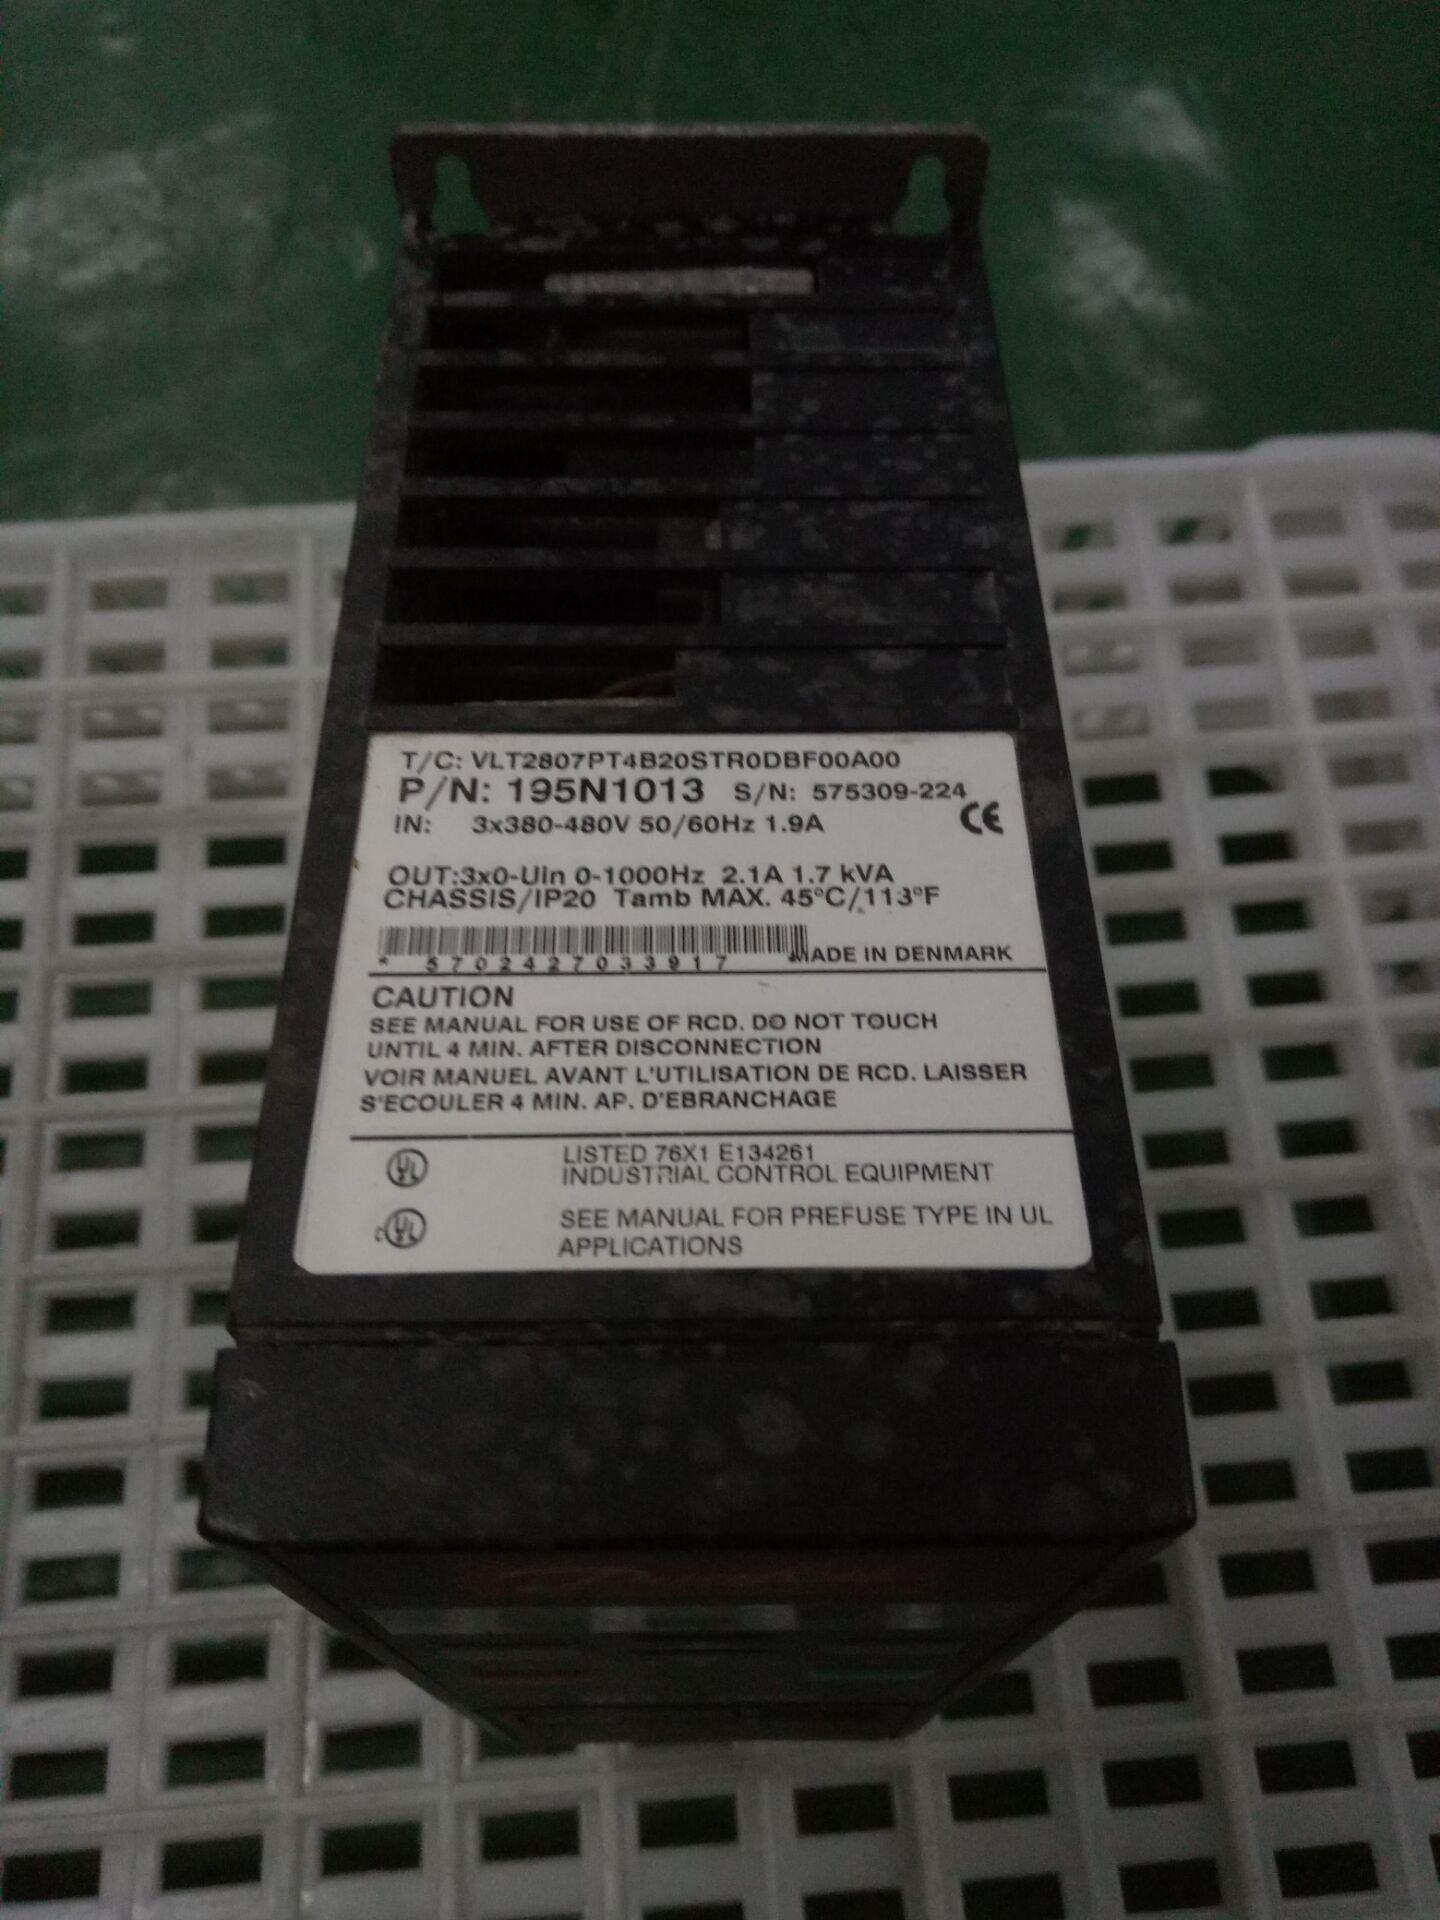 Danfoss VLT2807PT4B20STR0DBF00A00 inverter VLT2800 series of disassemble